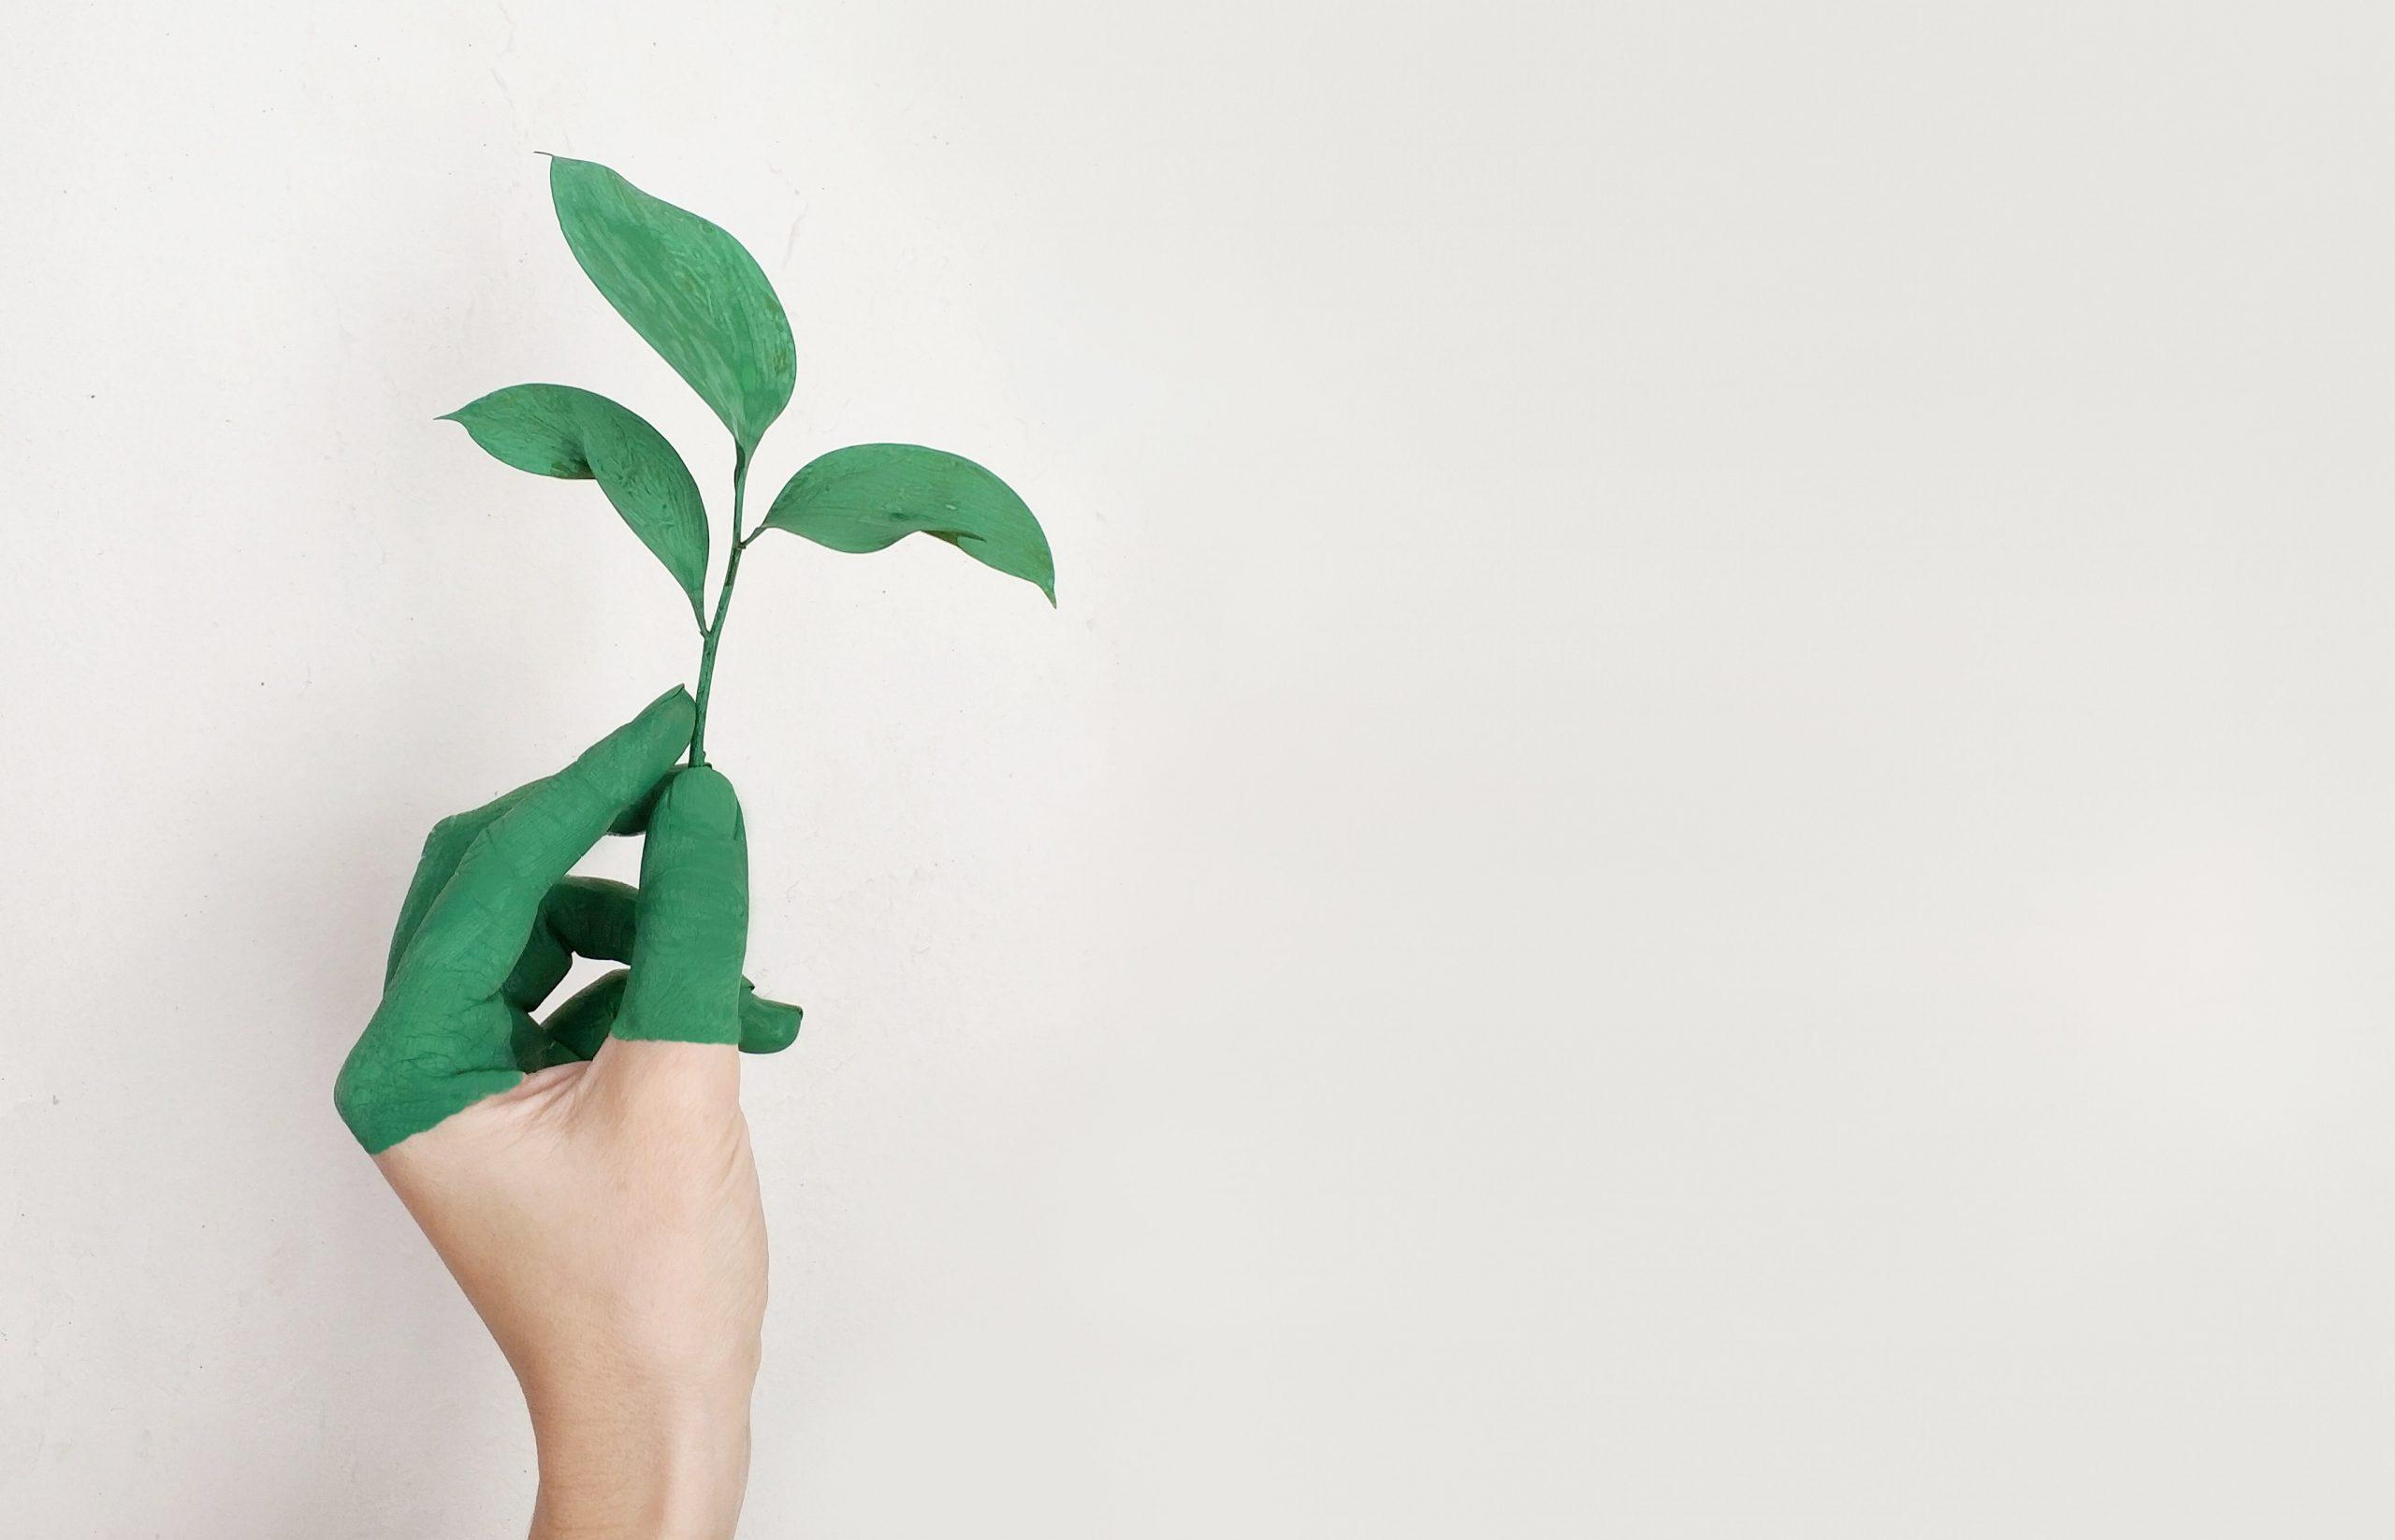 green startups in austin